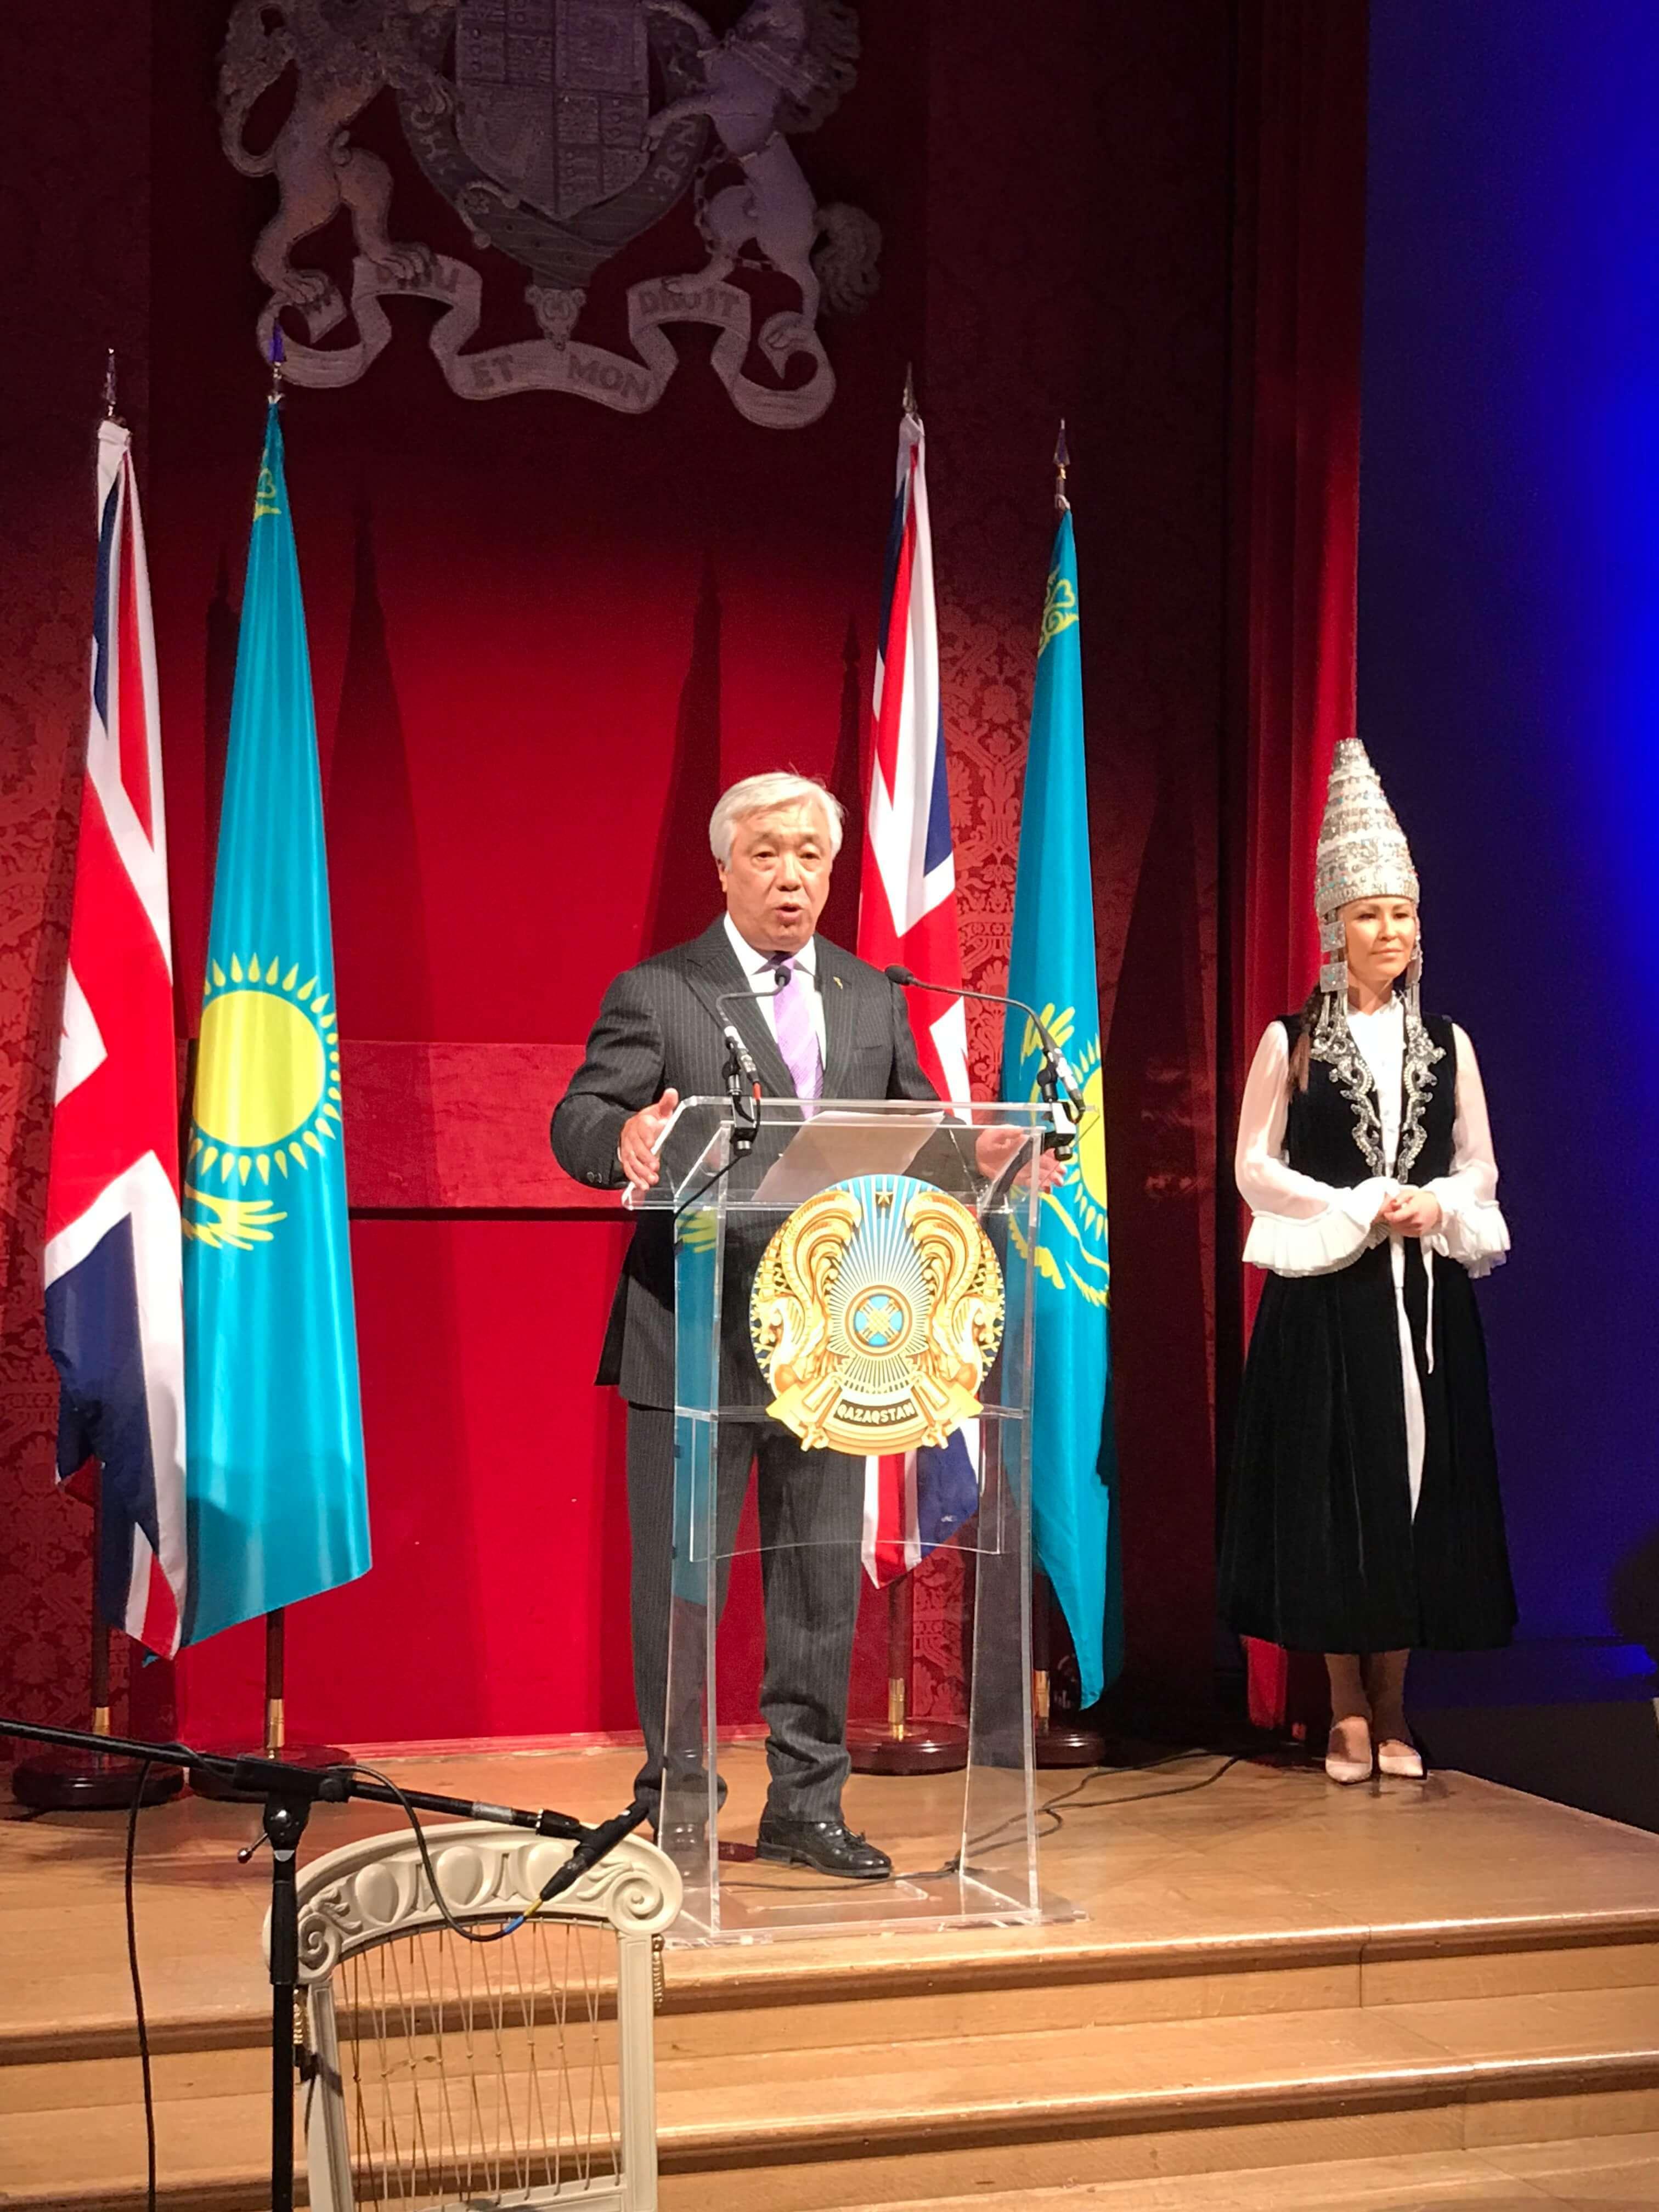 Kazakh Embassy reception 2